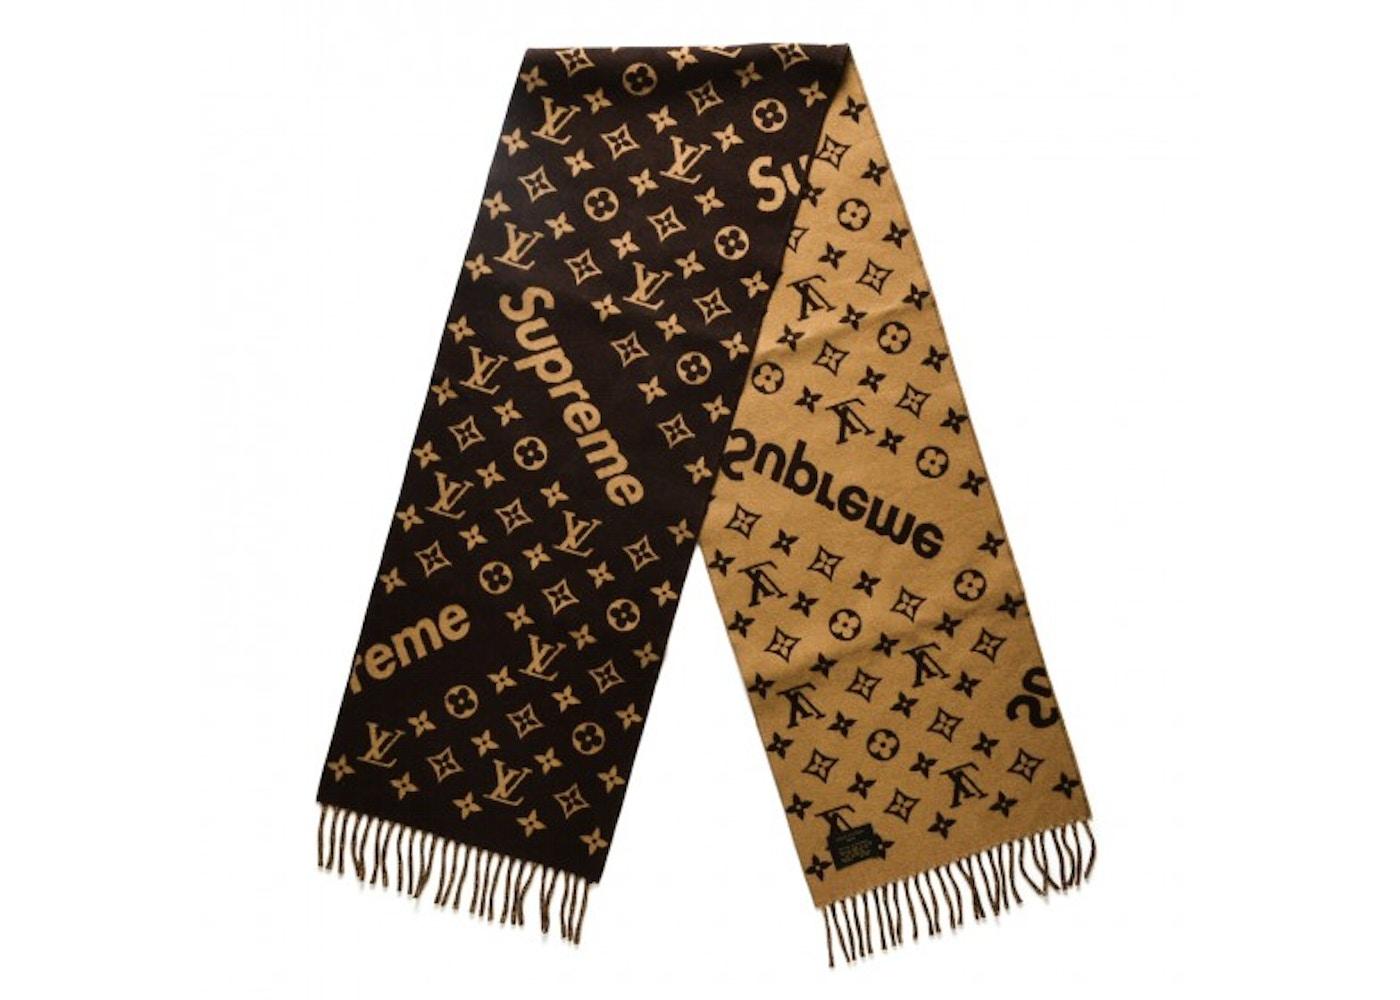 d6e33ba8670c Streetwear - Supreme Accessories - Average Sale Price